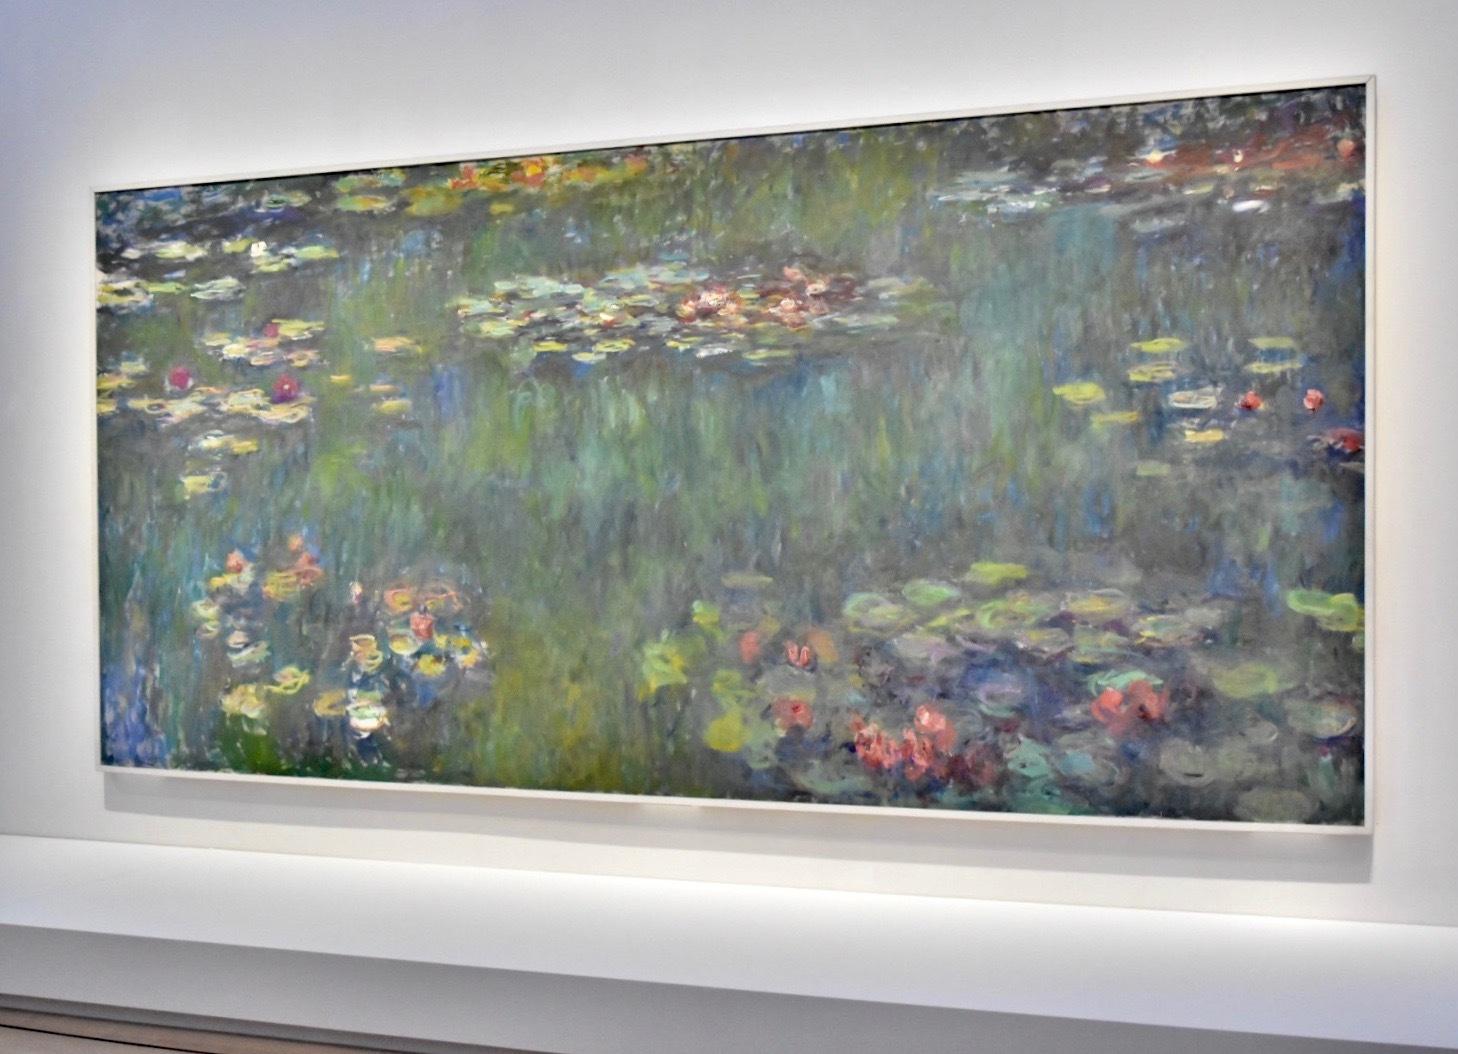 クロード・モネ 《睡蓮の池、緑の反映》 1920-26年